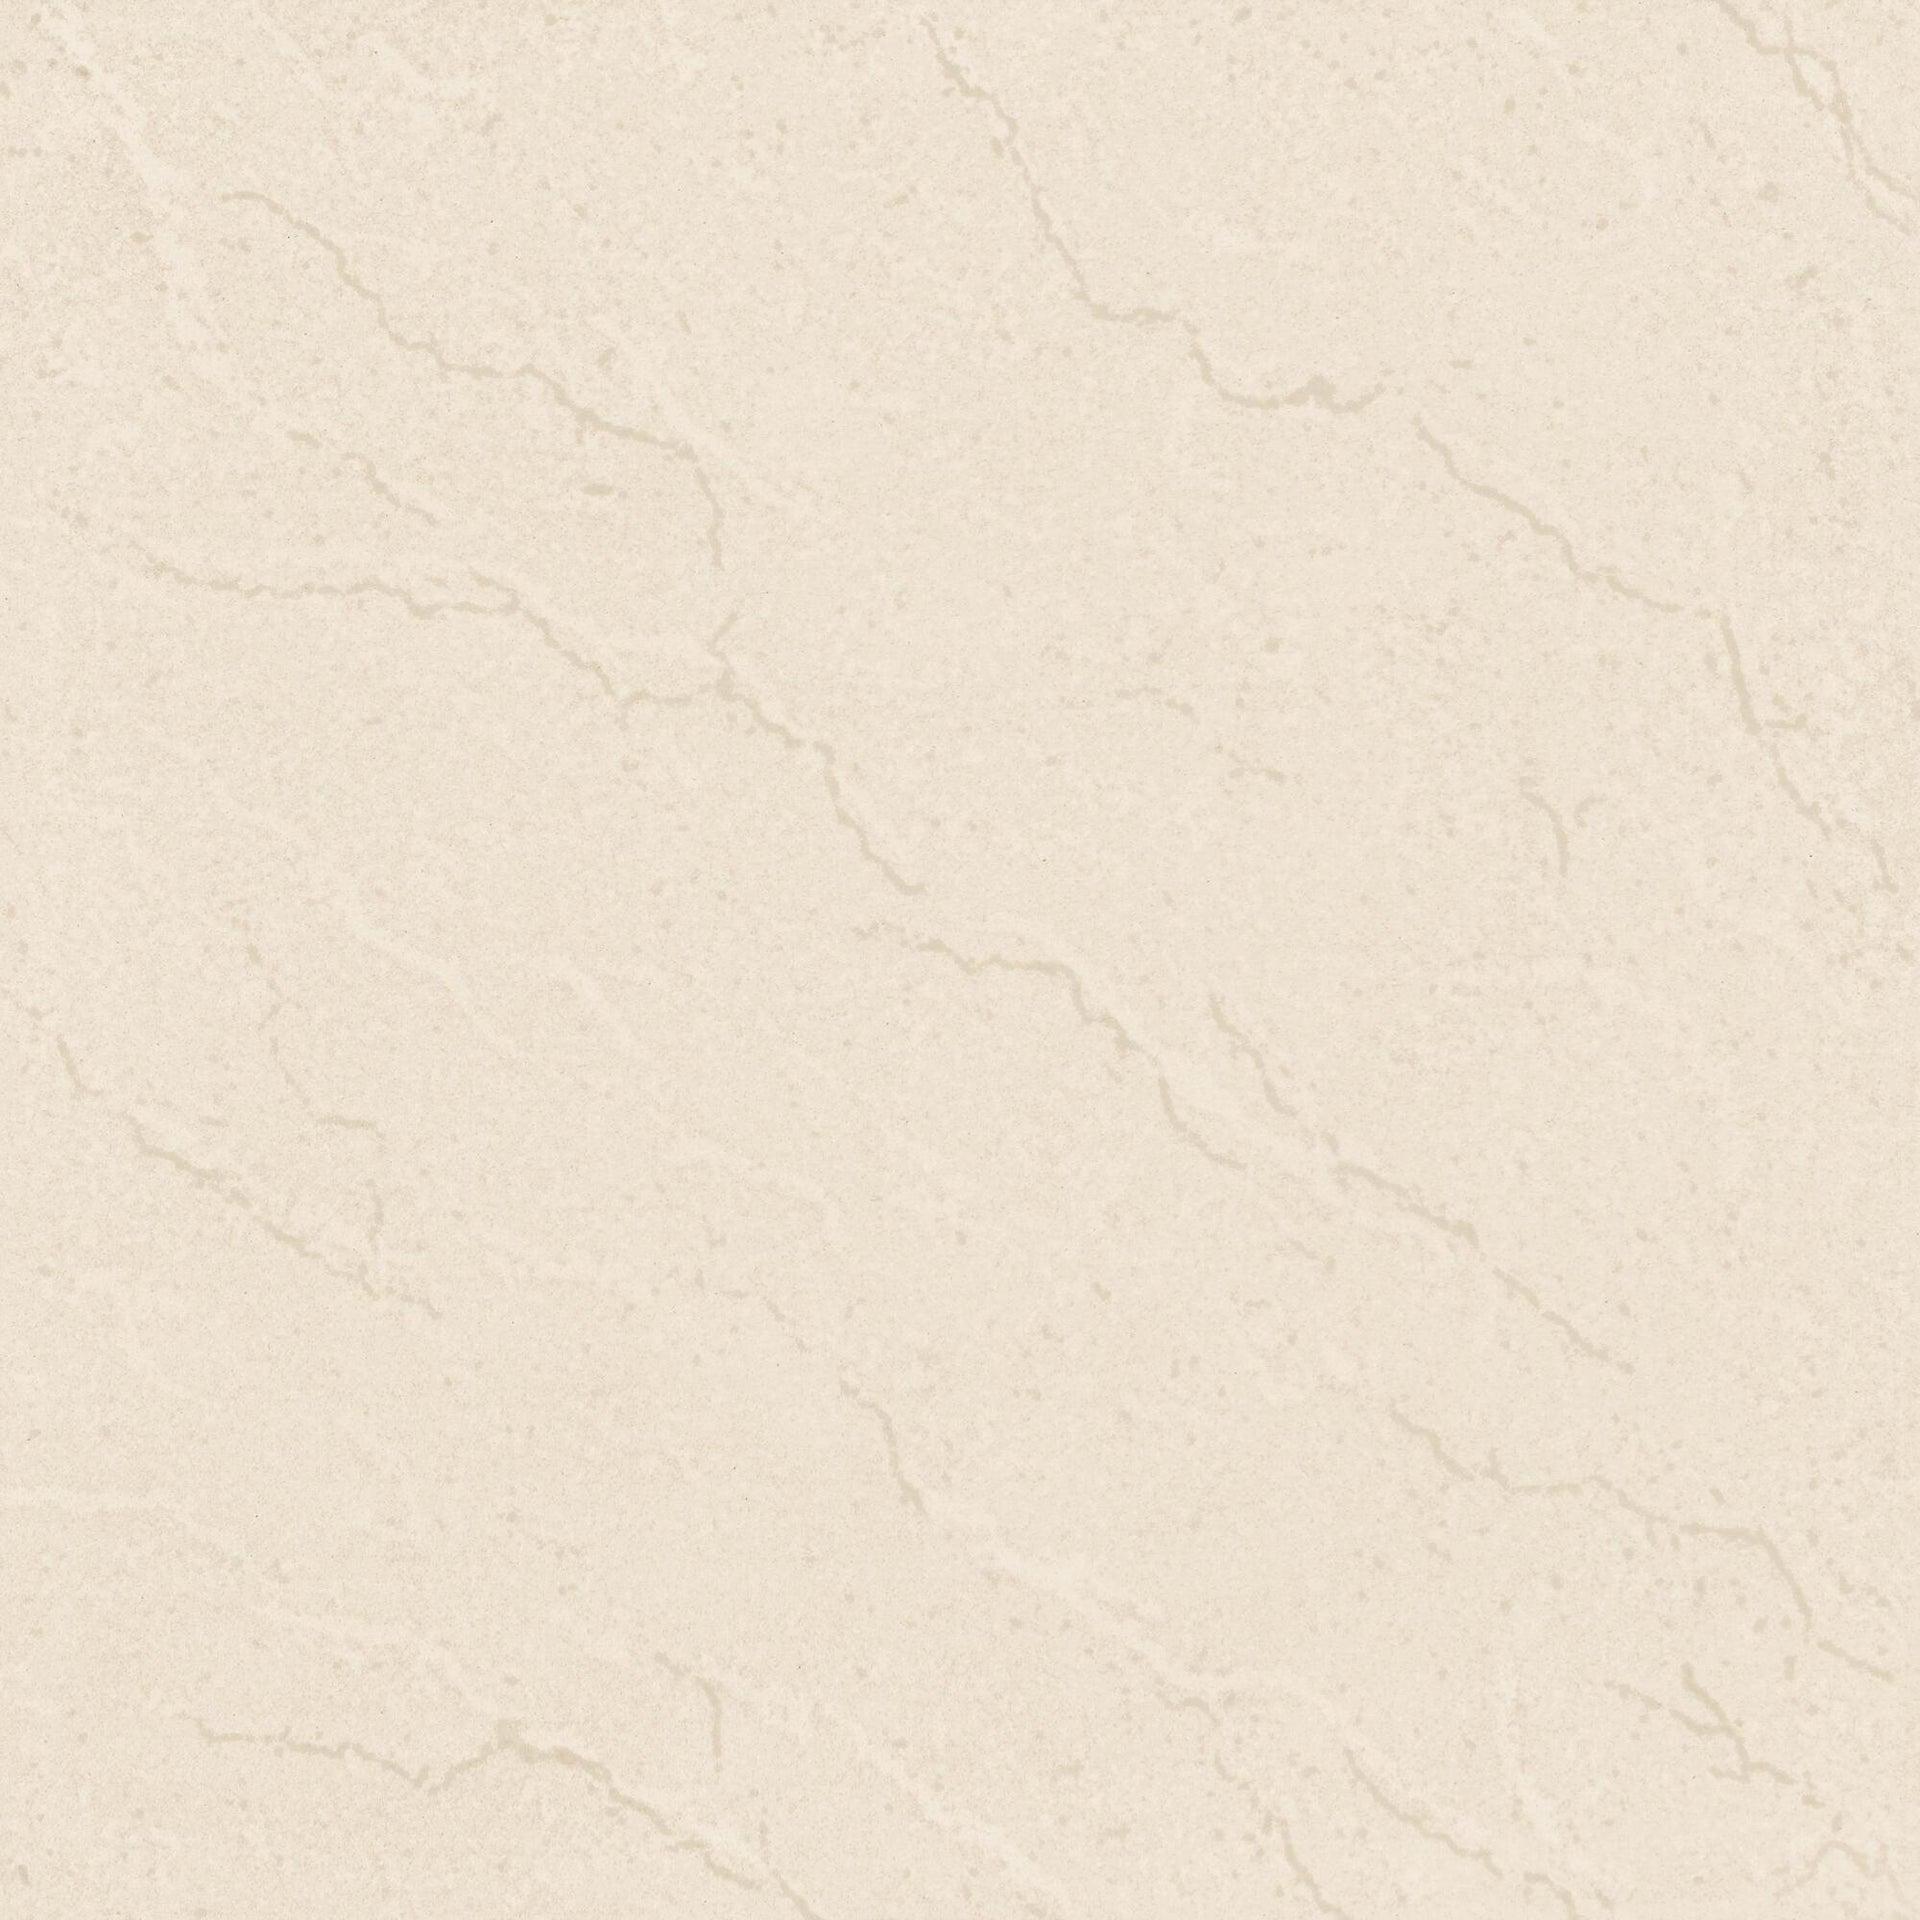 Piastrella da pavimento Madras 60 x 60 cm sp. 8.9 mm PEI 3/5 beige - 3